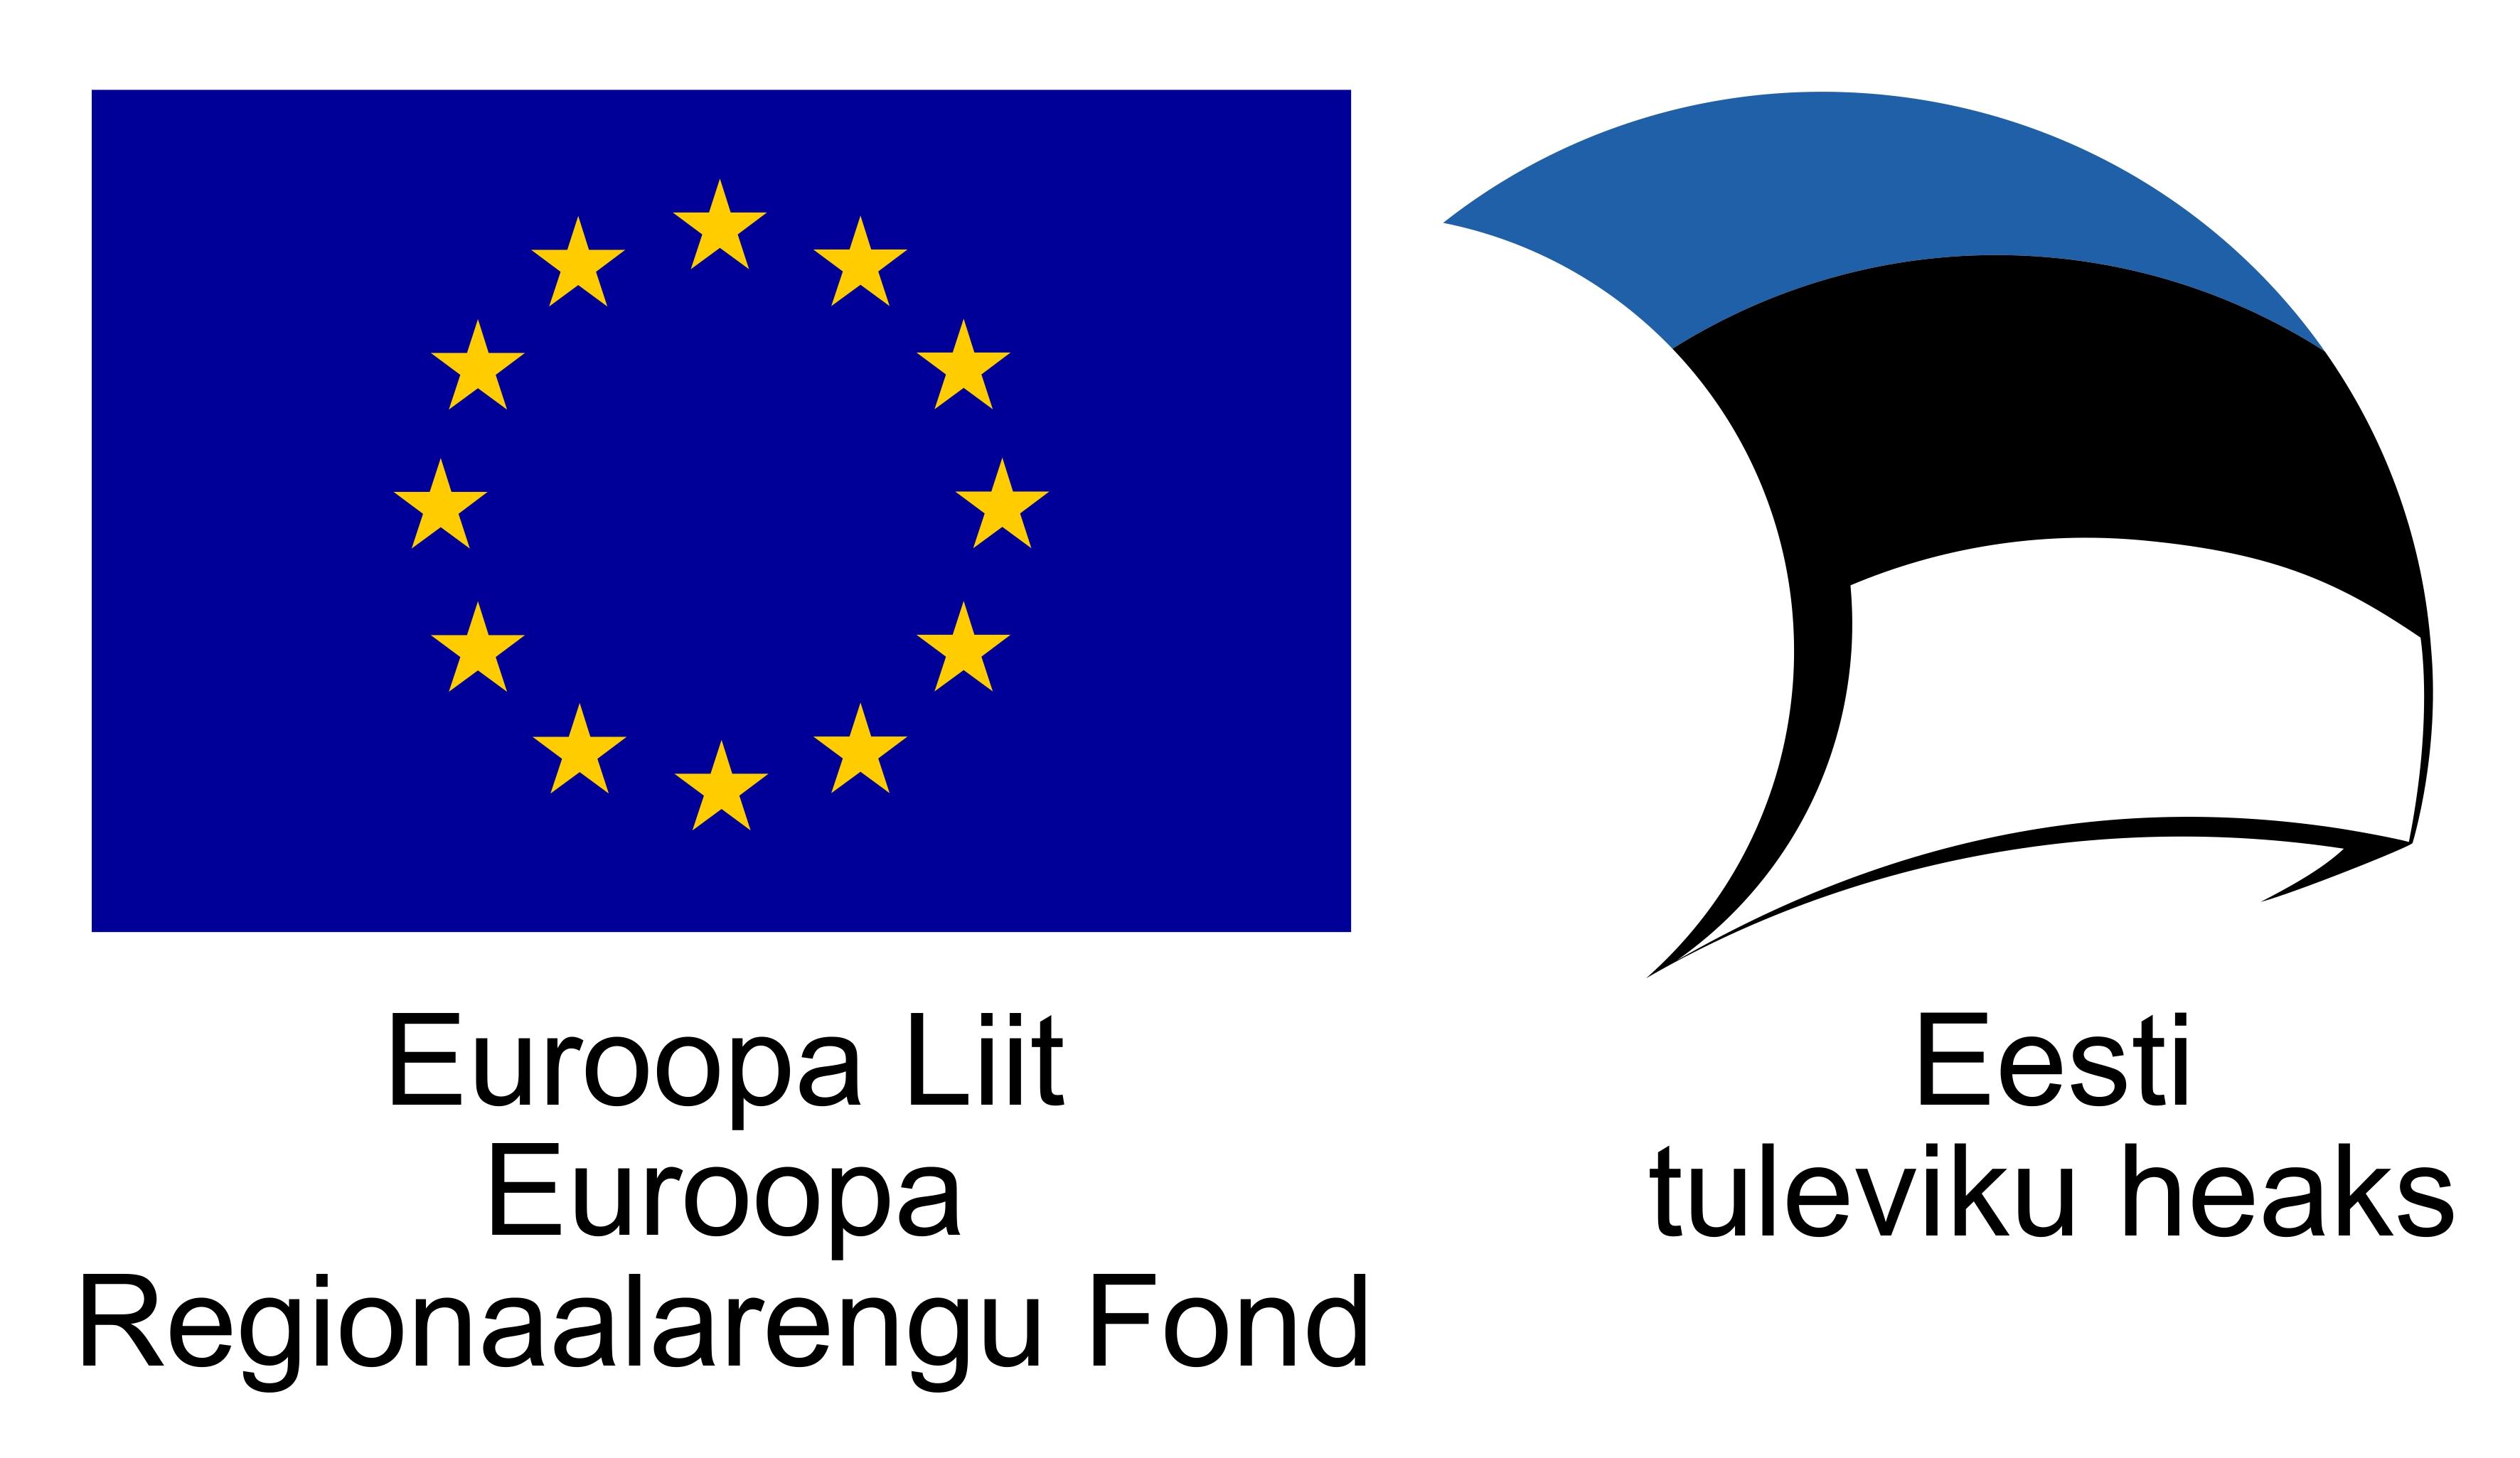 http://haridus.archimedes.ee/sites/default/files/Dokumendid/EL_Regionaalarengu_Fond_horisontaalne%20%281%29.jpg